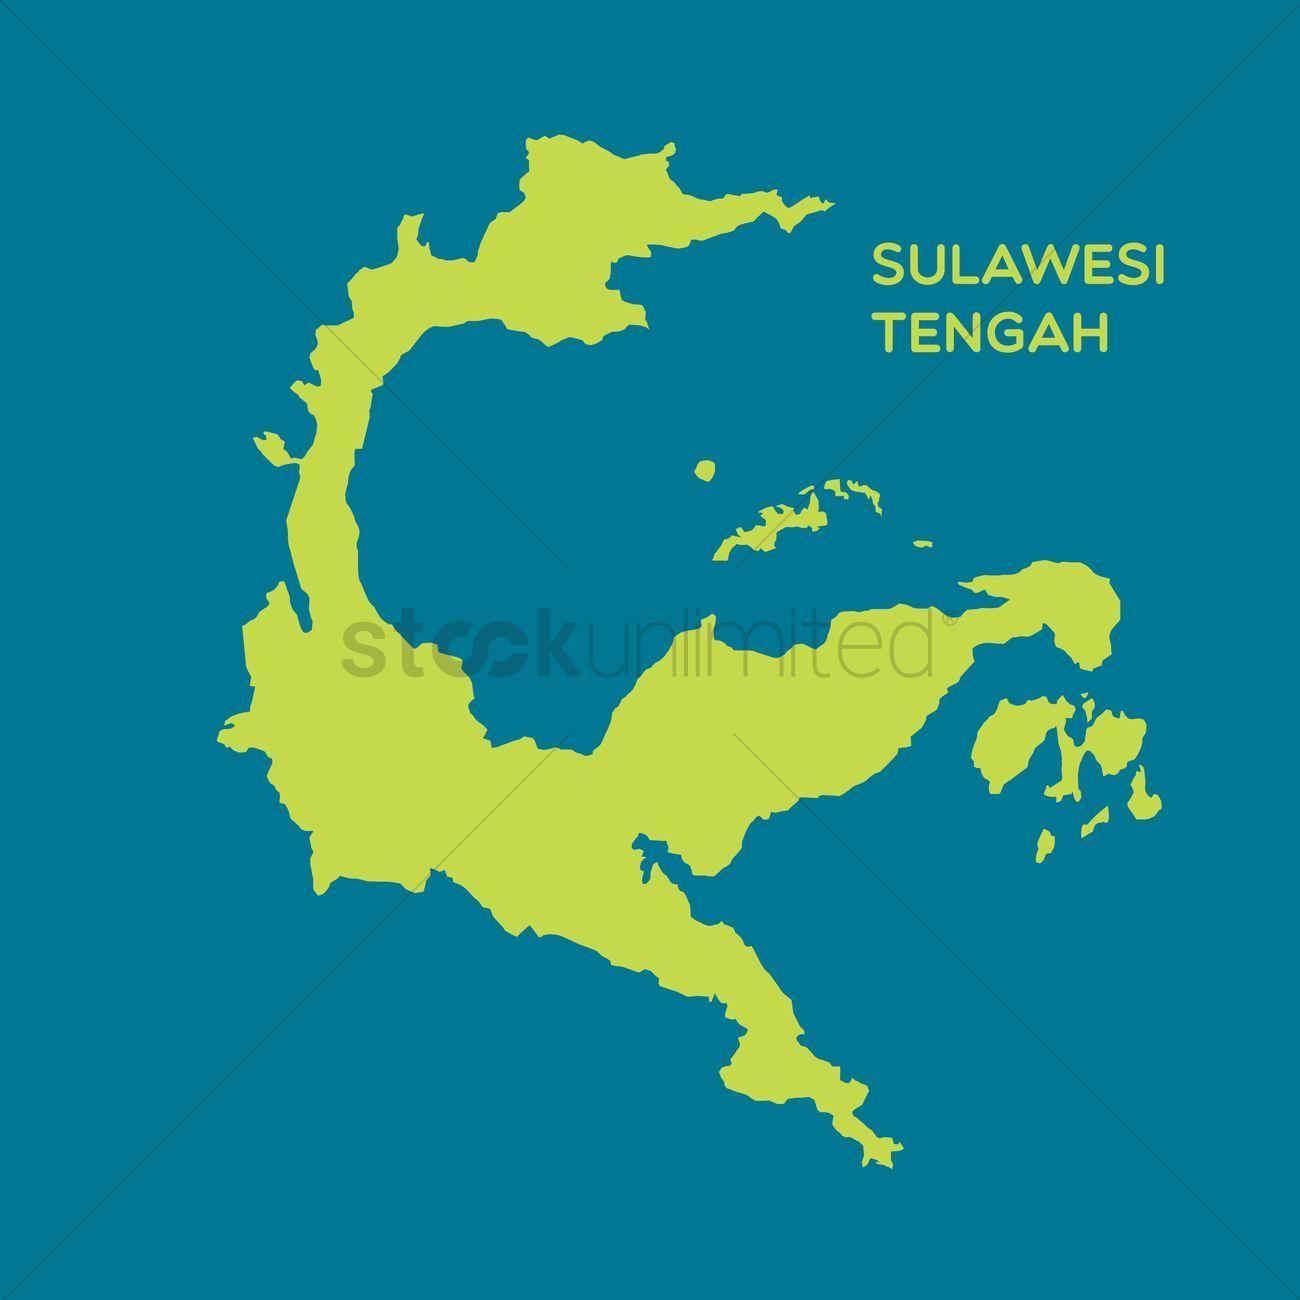 Map Sulawesi Tengah Vector Image 1480456 Stockunlimited Graphic Gambar Peta